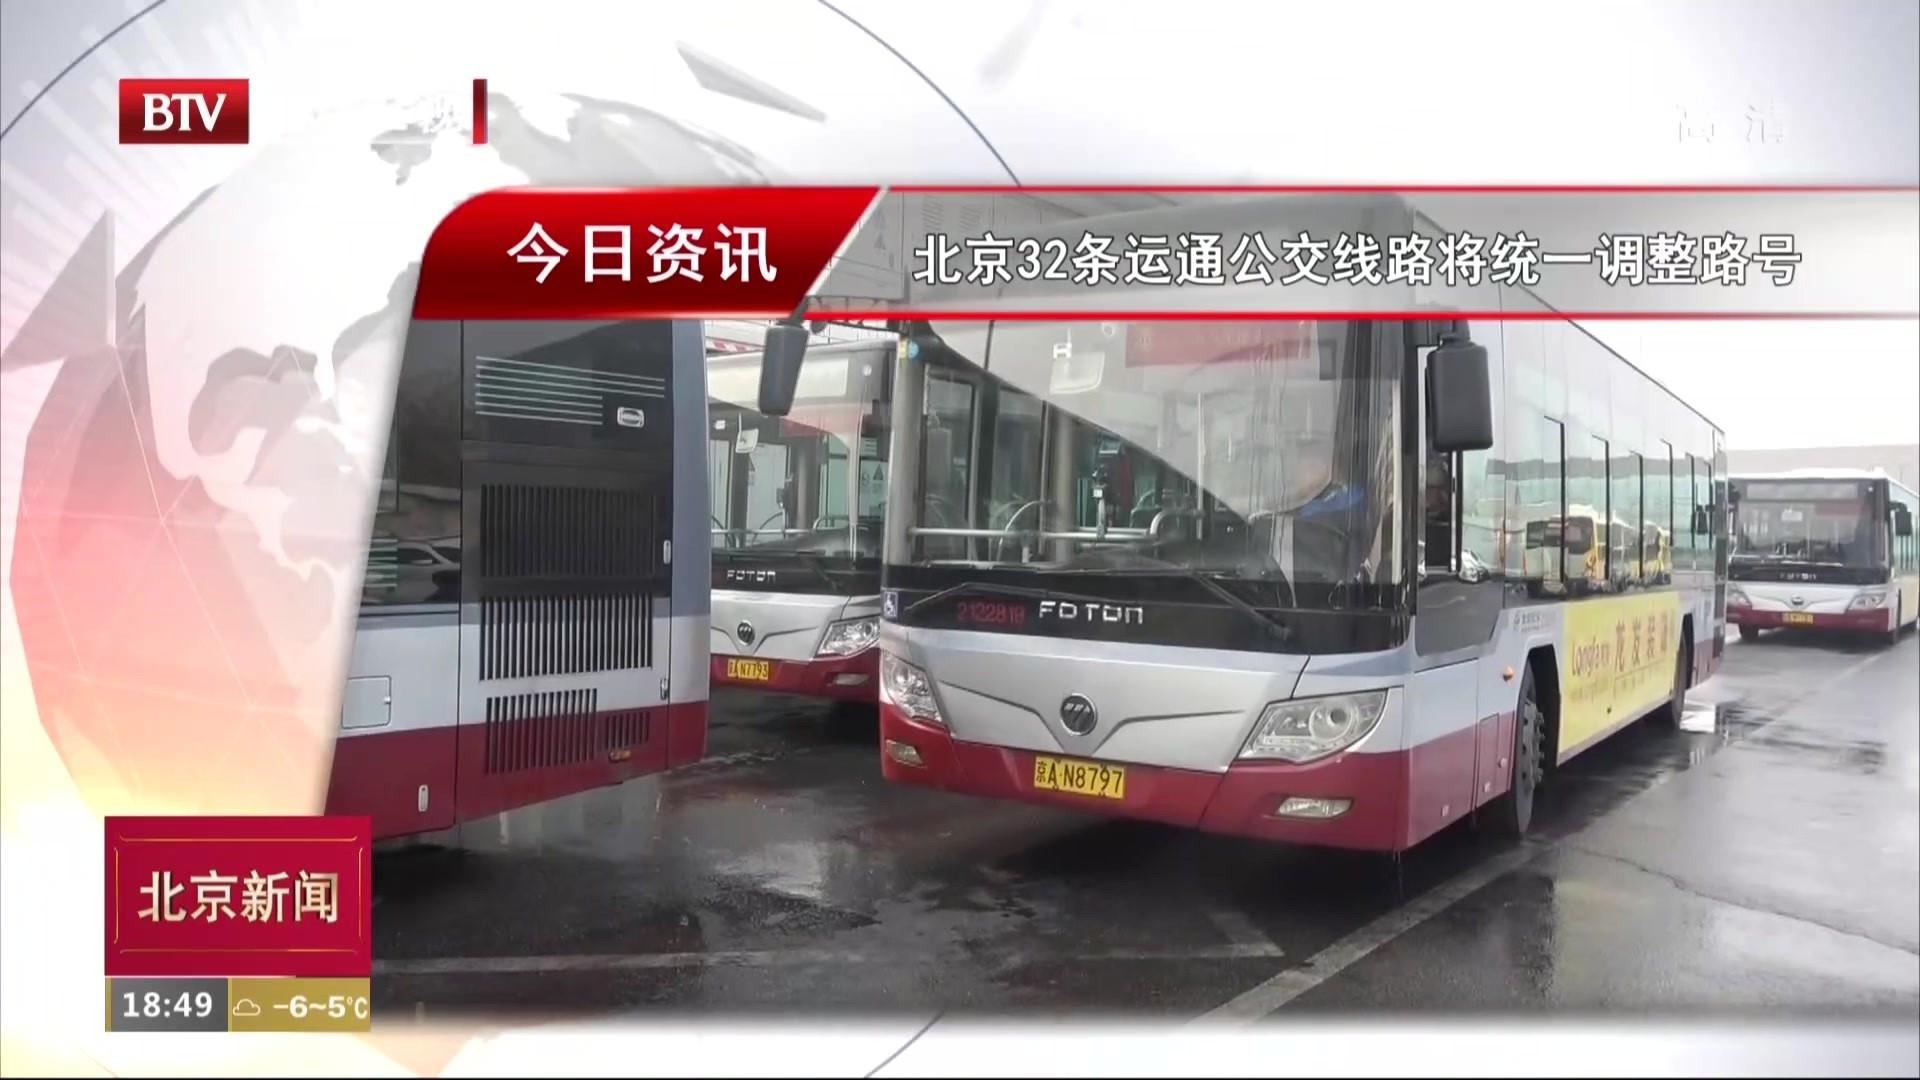 北京32条运通公交线路将统一调整路号